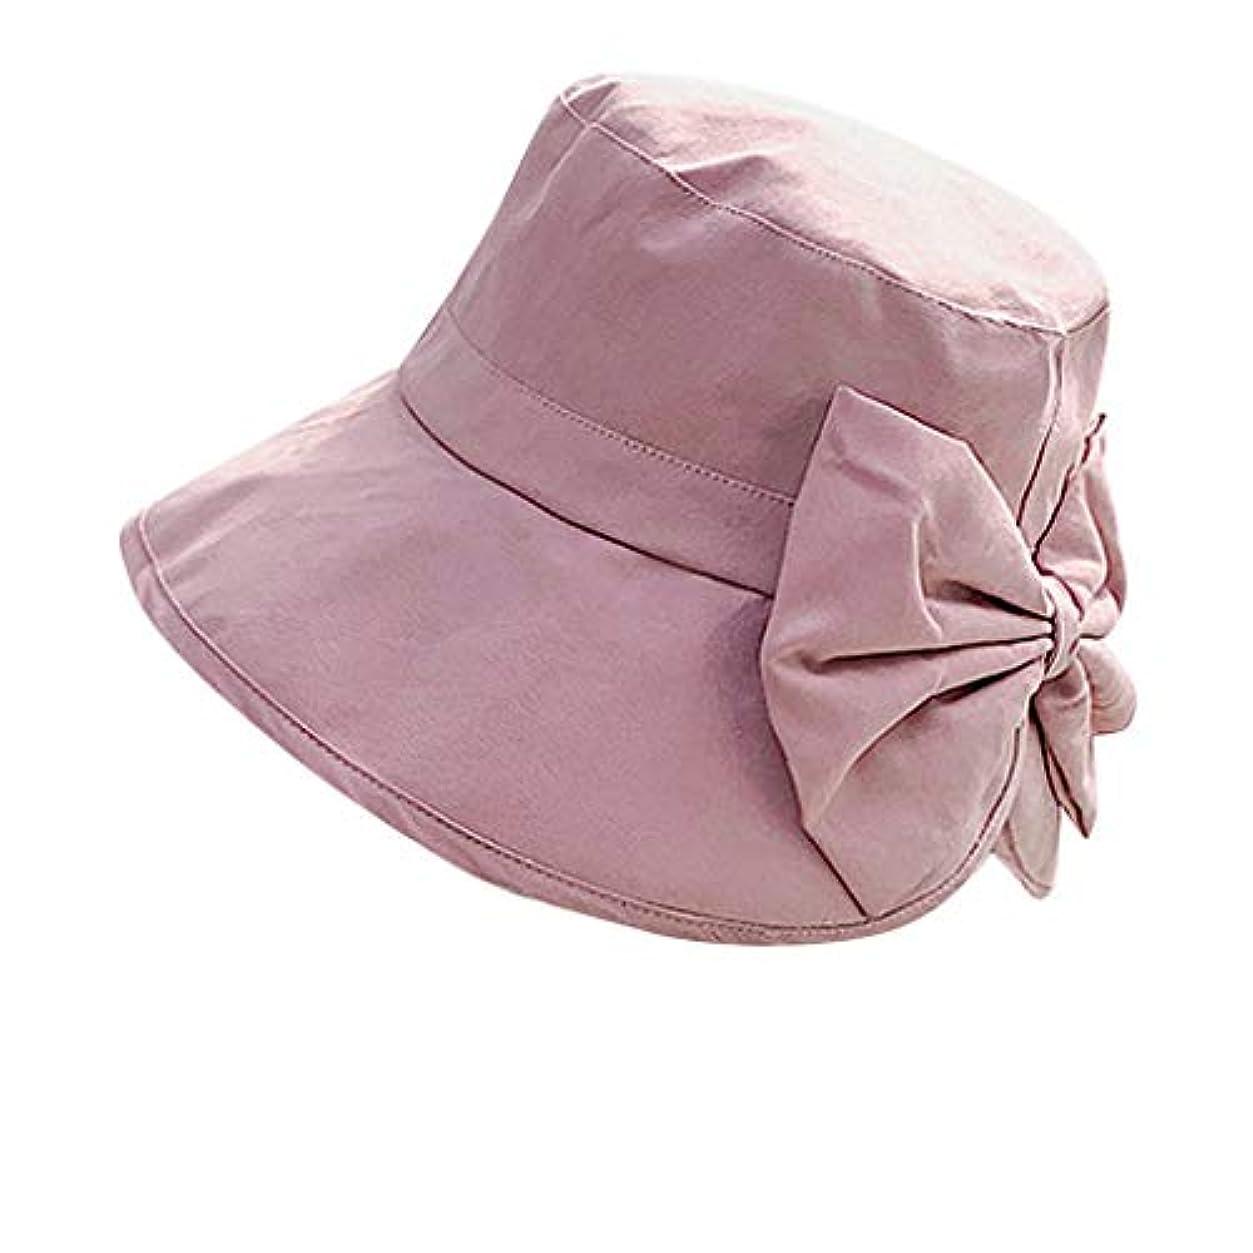 不屈微生物声を出して女性 帽子 レディース UVカット ハット女の子 つば広い 漁師帽 女優帽 小顔効果 紫外線 対策 レディース 蝶結び UV 加工 リボン ハット ビーチ 日よけ テント ビーチサンダル ベレー帽 ROSE ROMAN